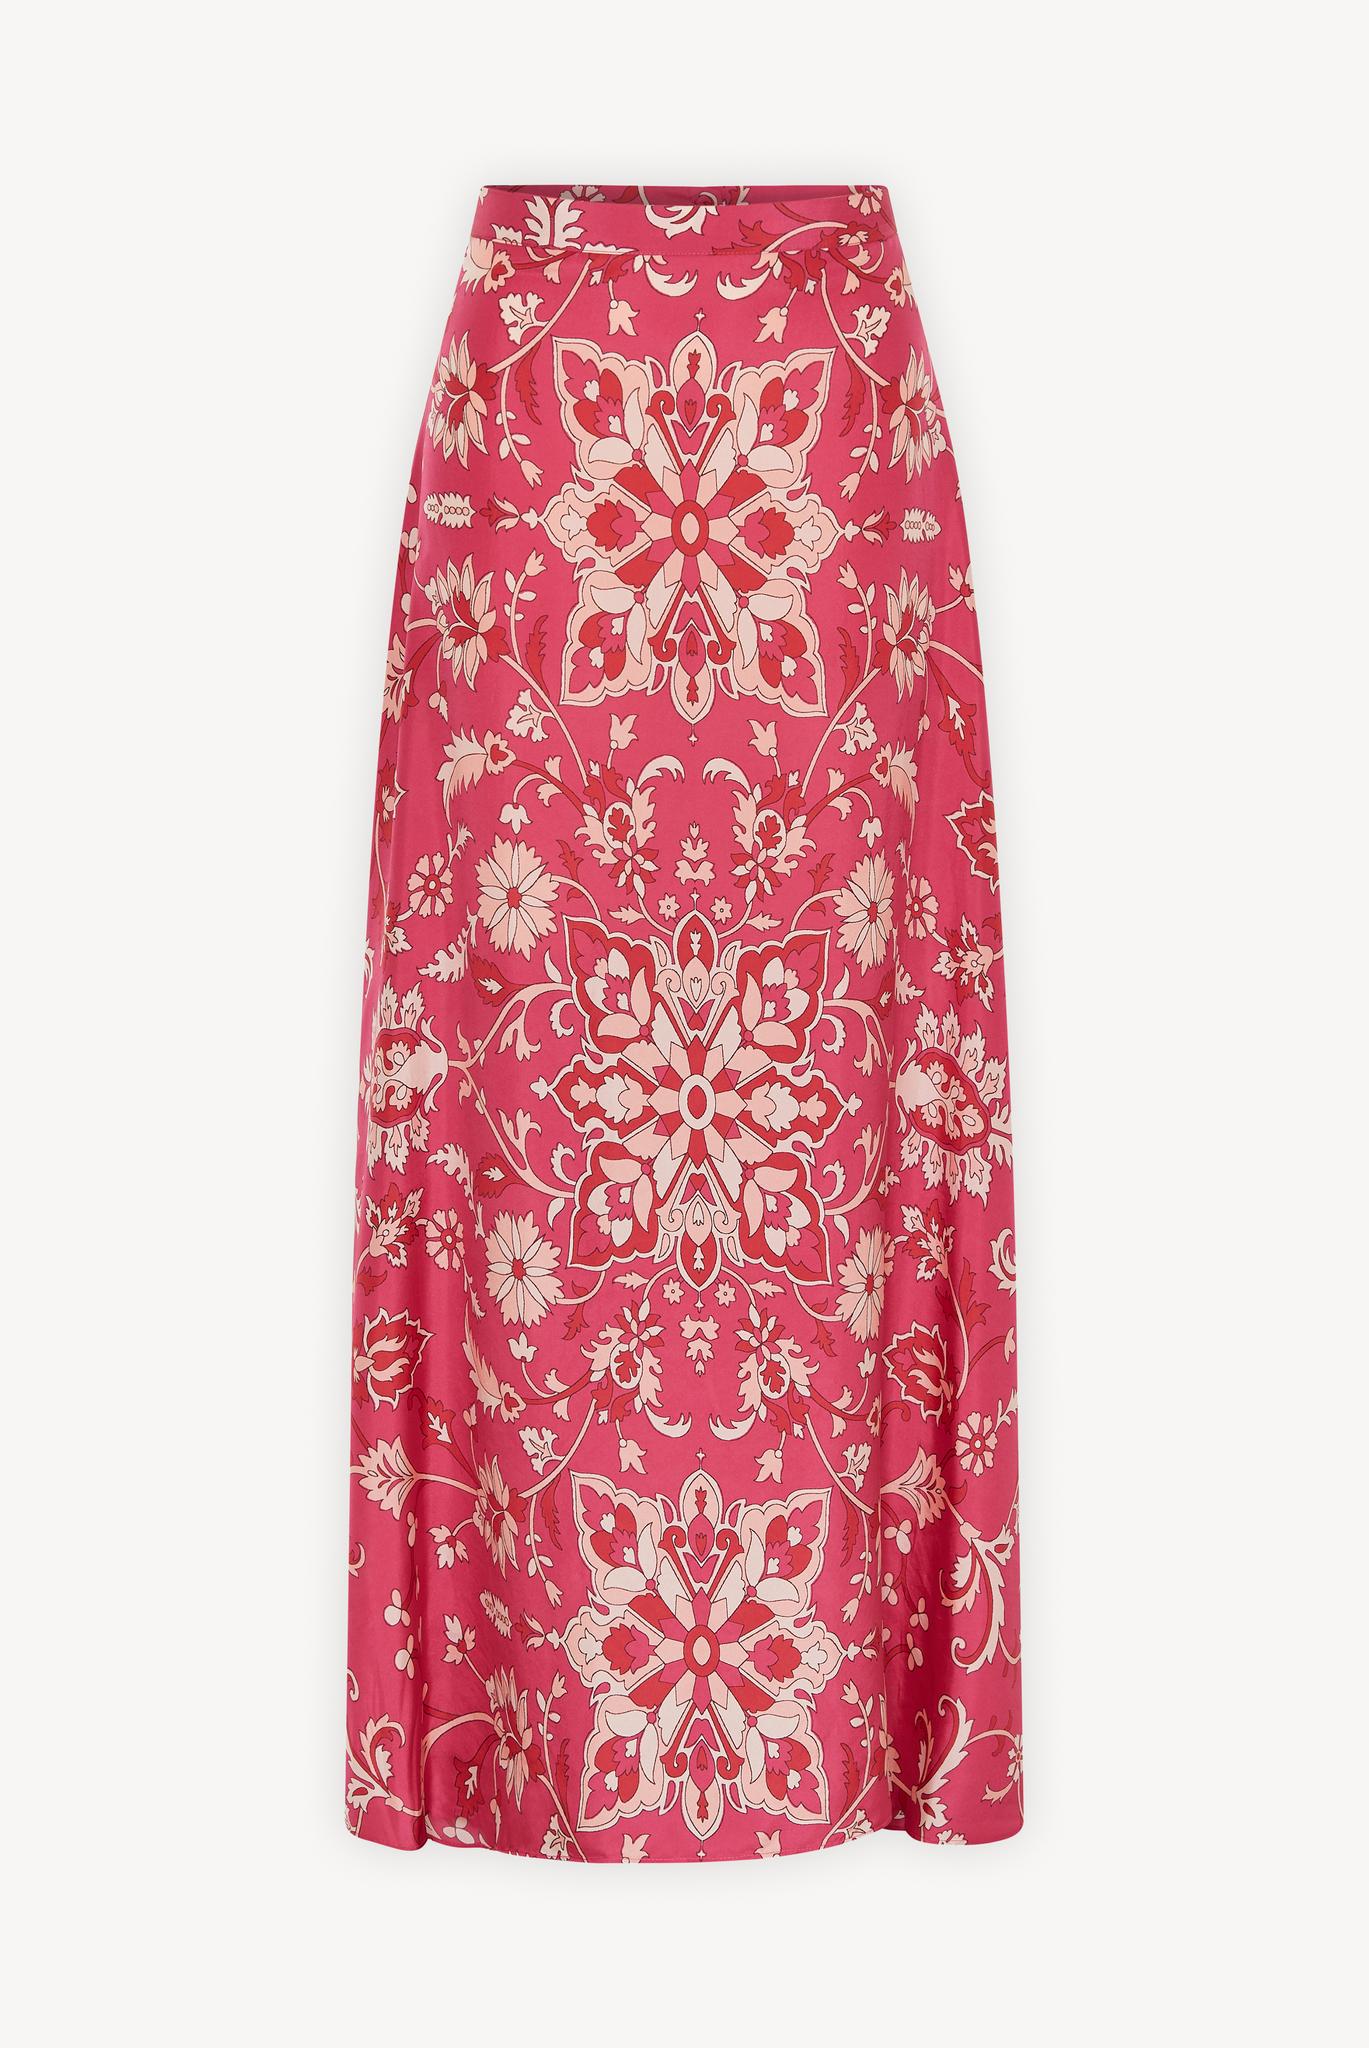 LALIA - Длинная шелковая юбка с принтом